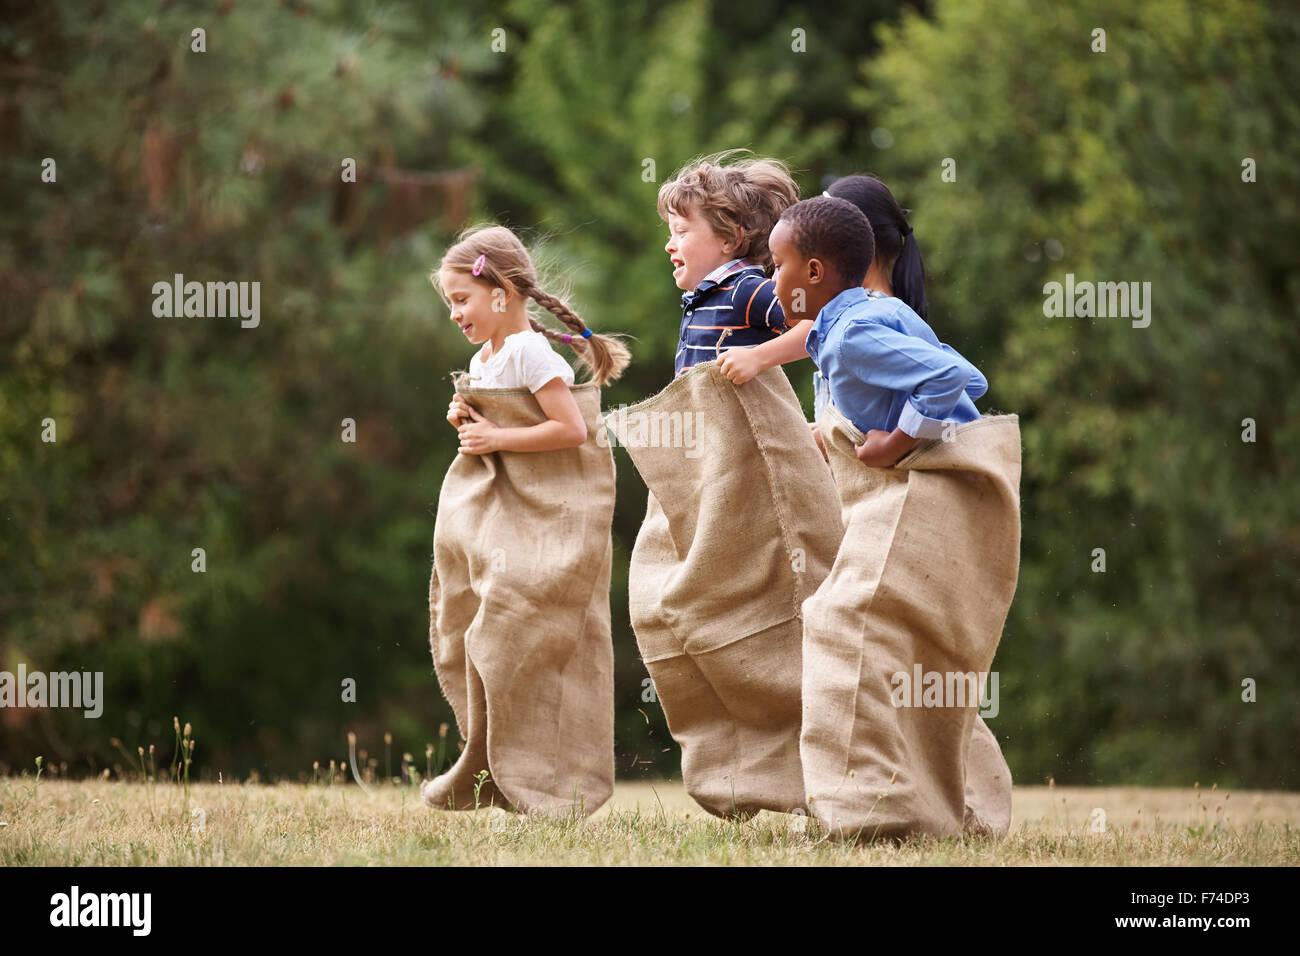 Interracial gruppo di ragazzi che si fanno concorrenza a una sacca gara in estate Immagini Stock